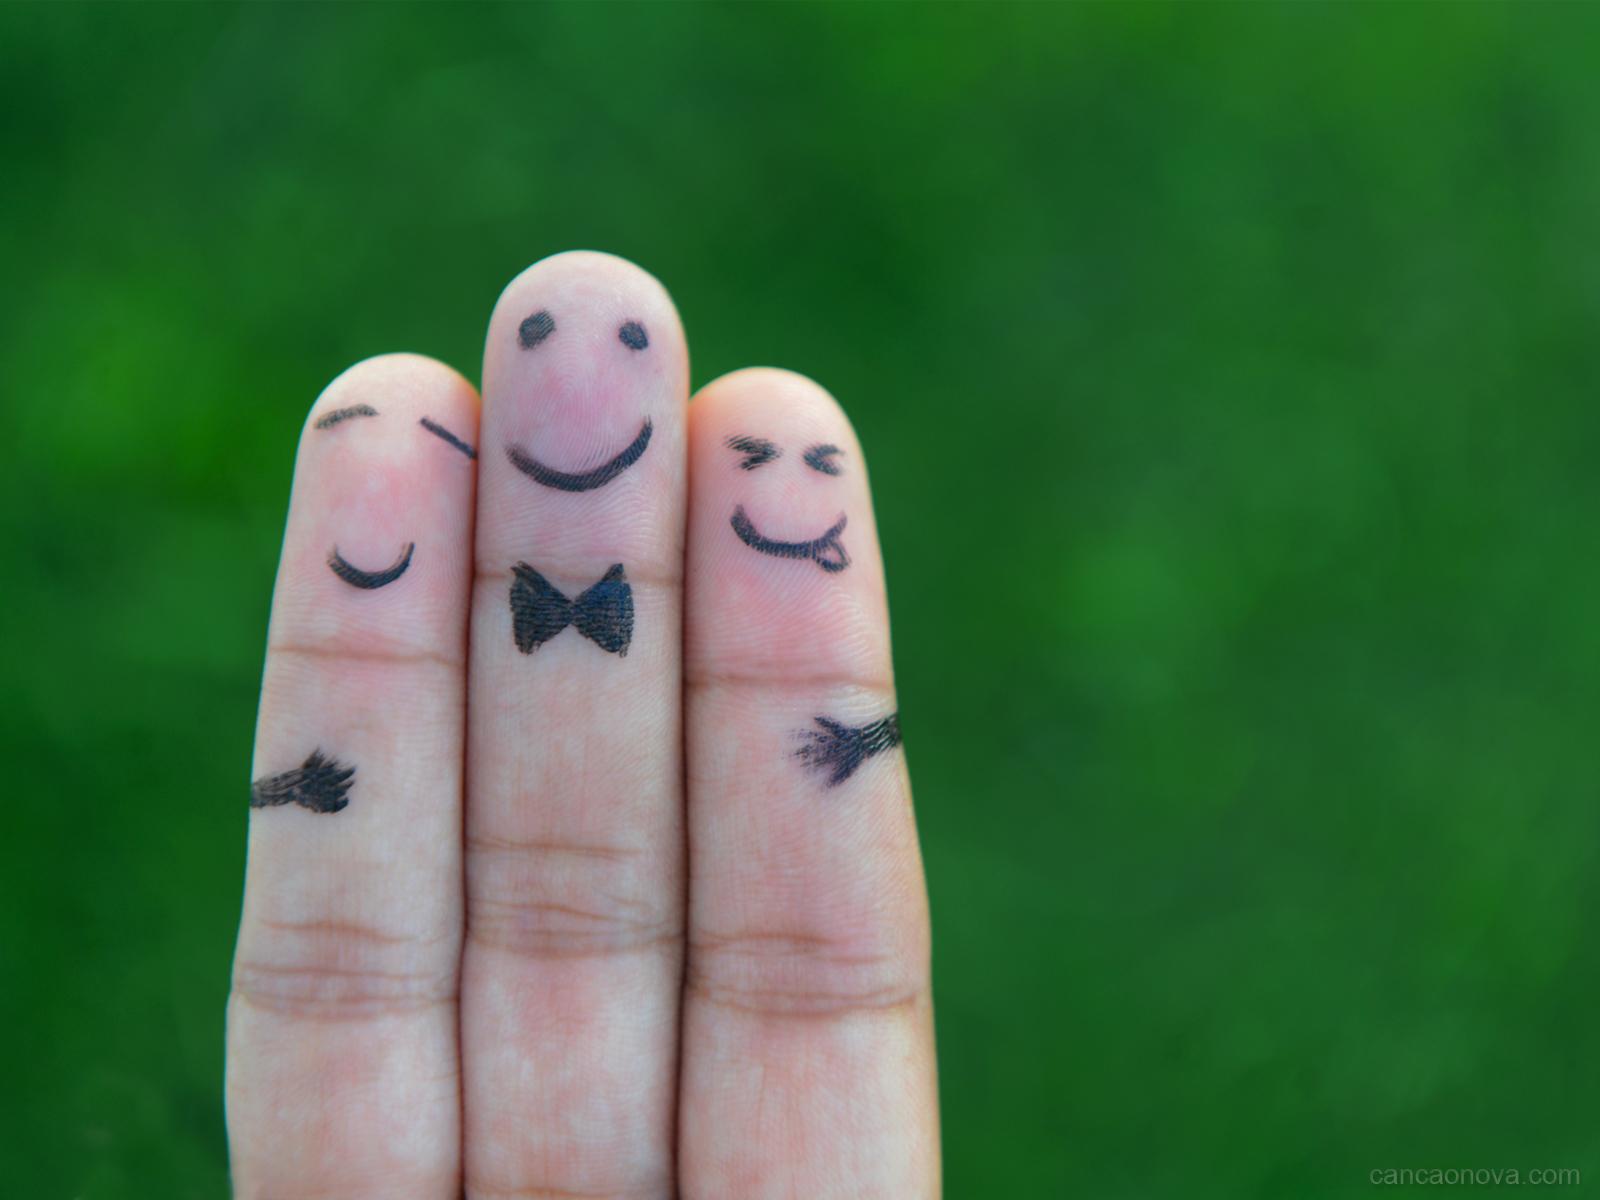 O Perigo Das Falsas Amizades E Como Lidar Com Elas